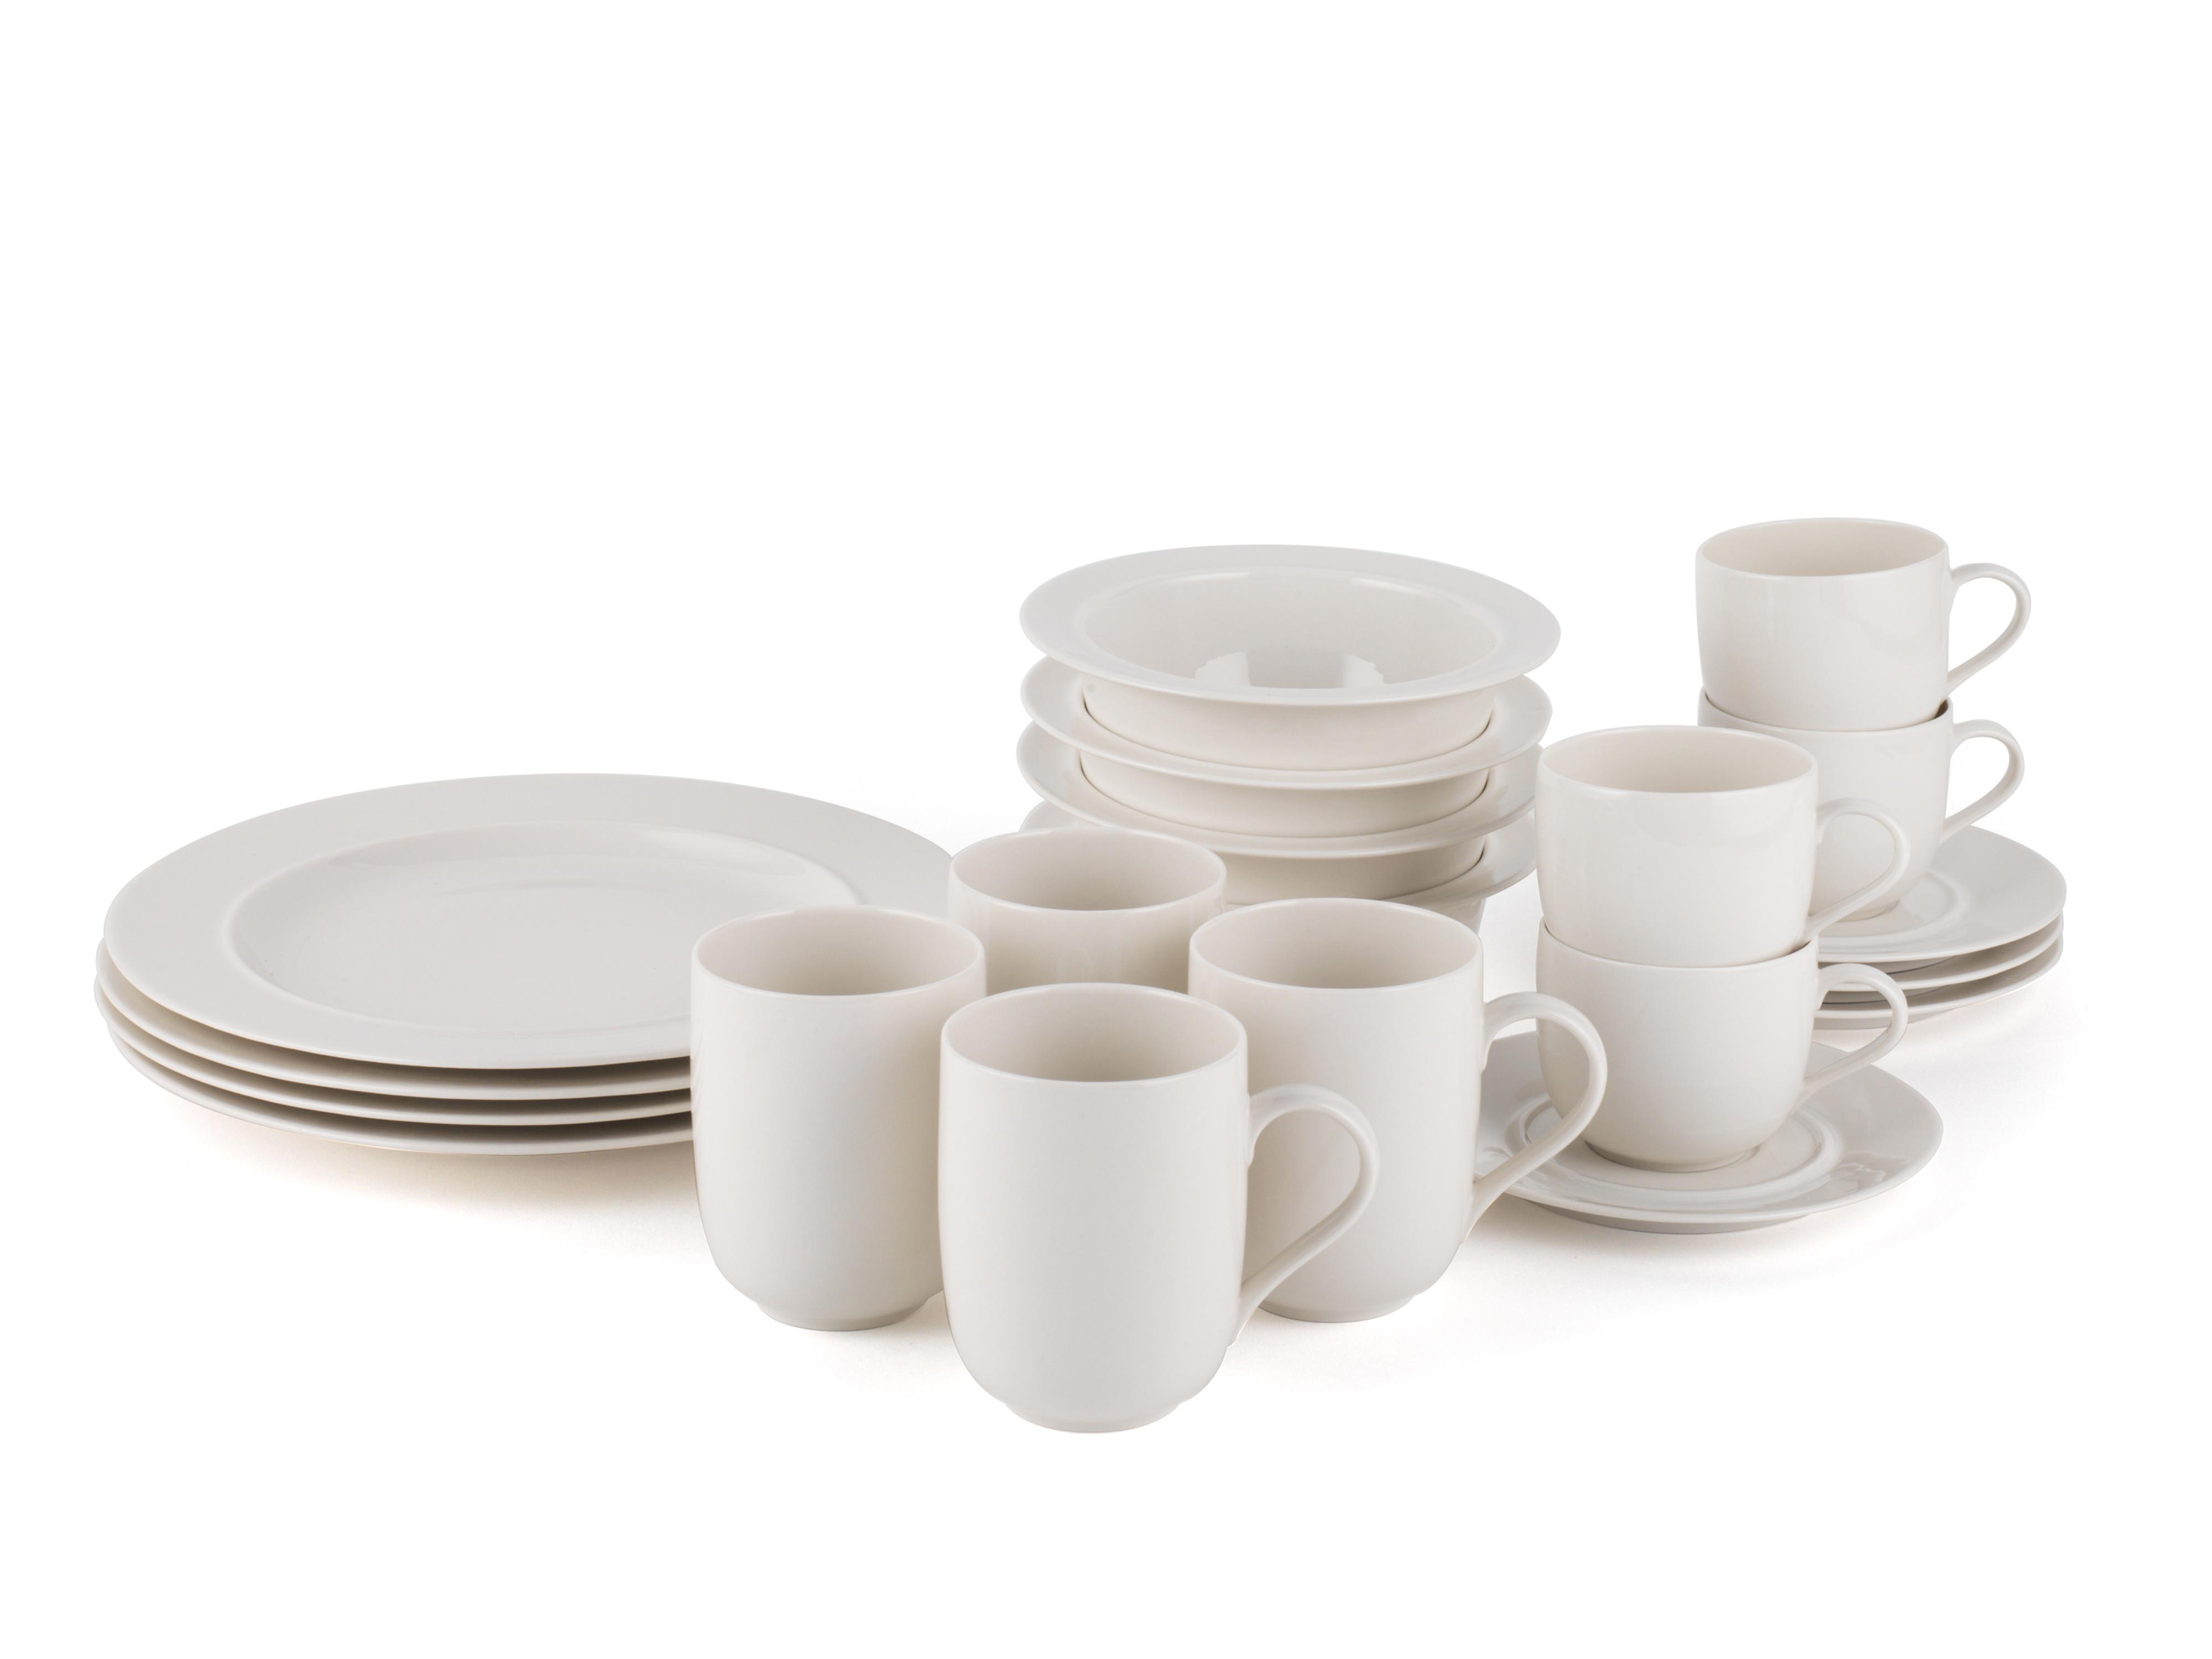 Alessi la bella tavola porcelain 4 place setting breakfast - Alessi la bella tavola ...